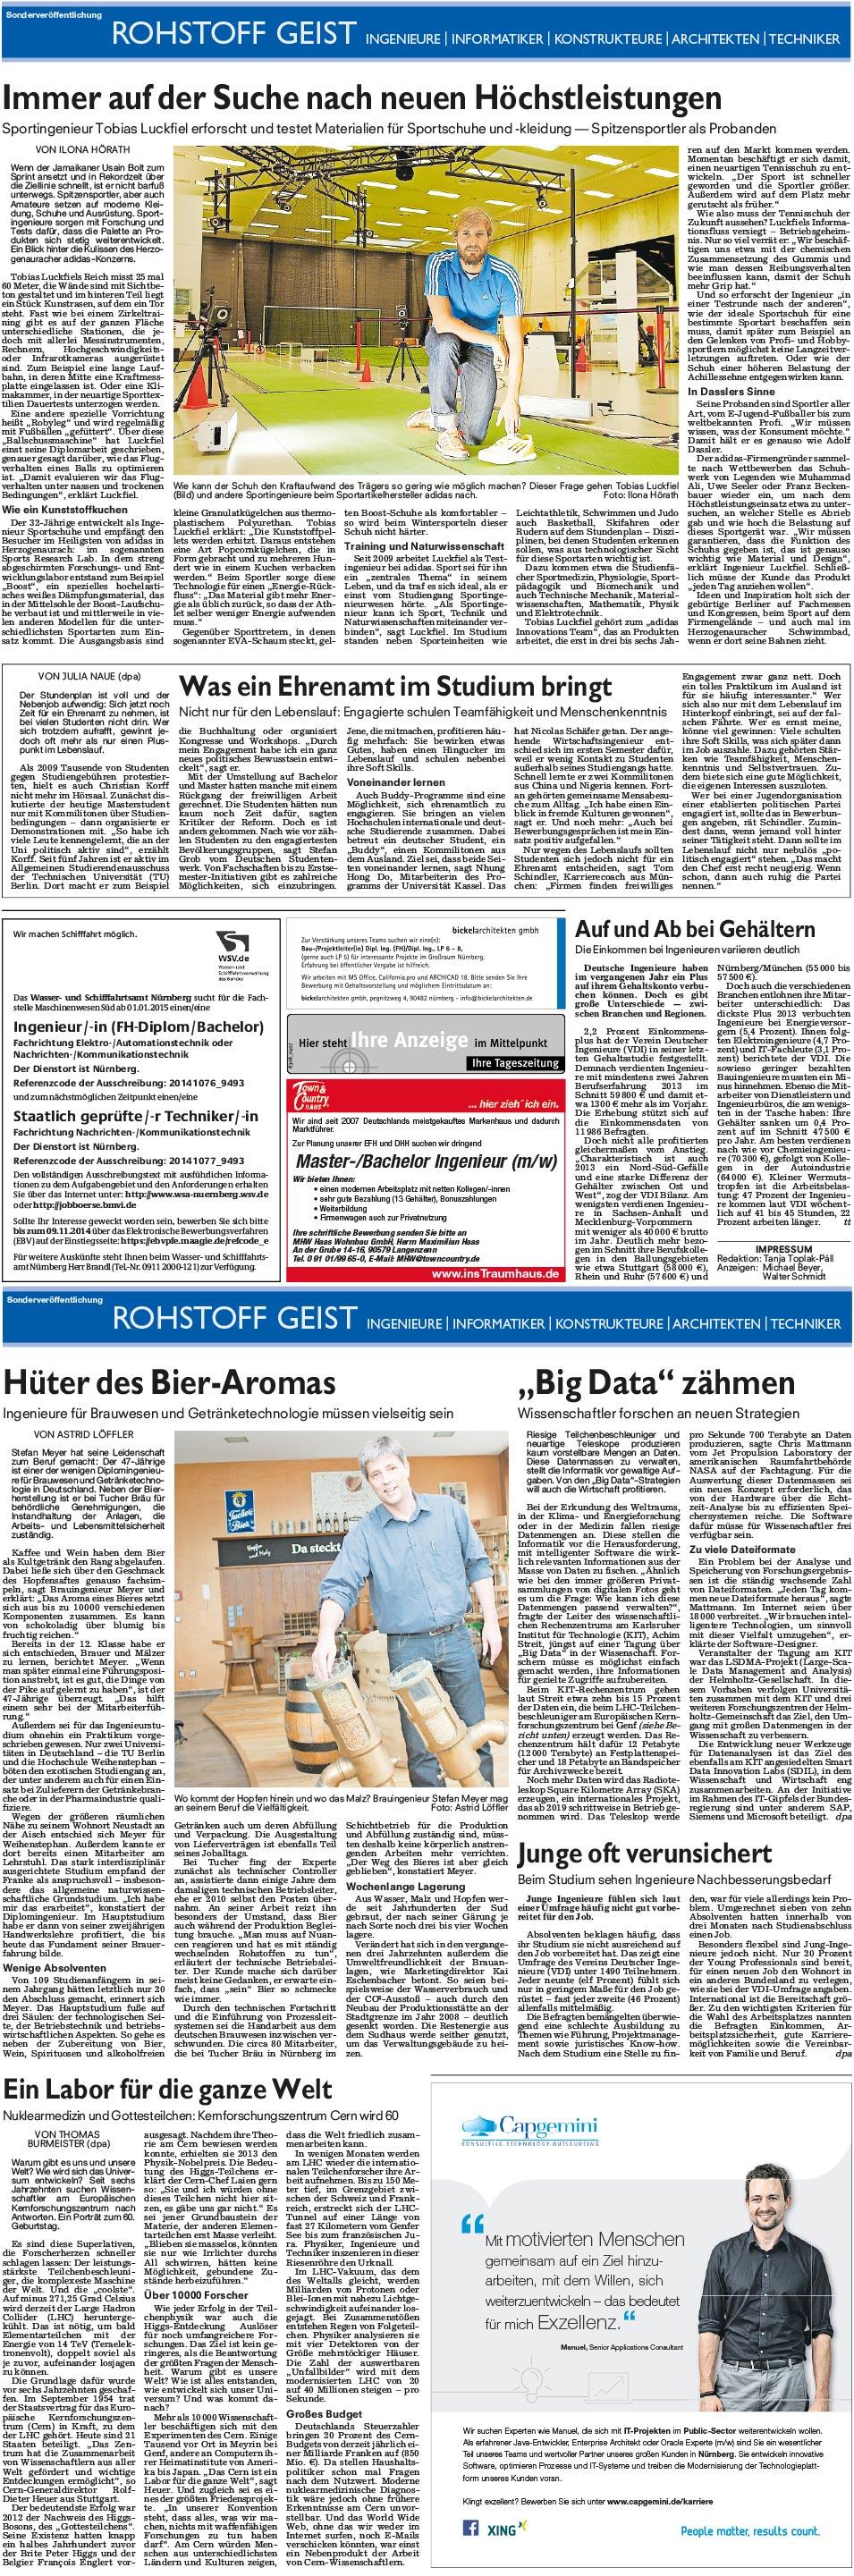 Nürnberger nachrichten heiraten bekanntschaften